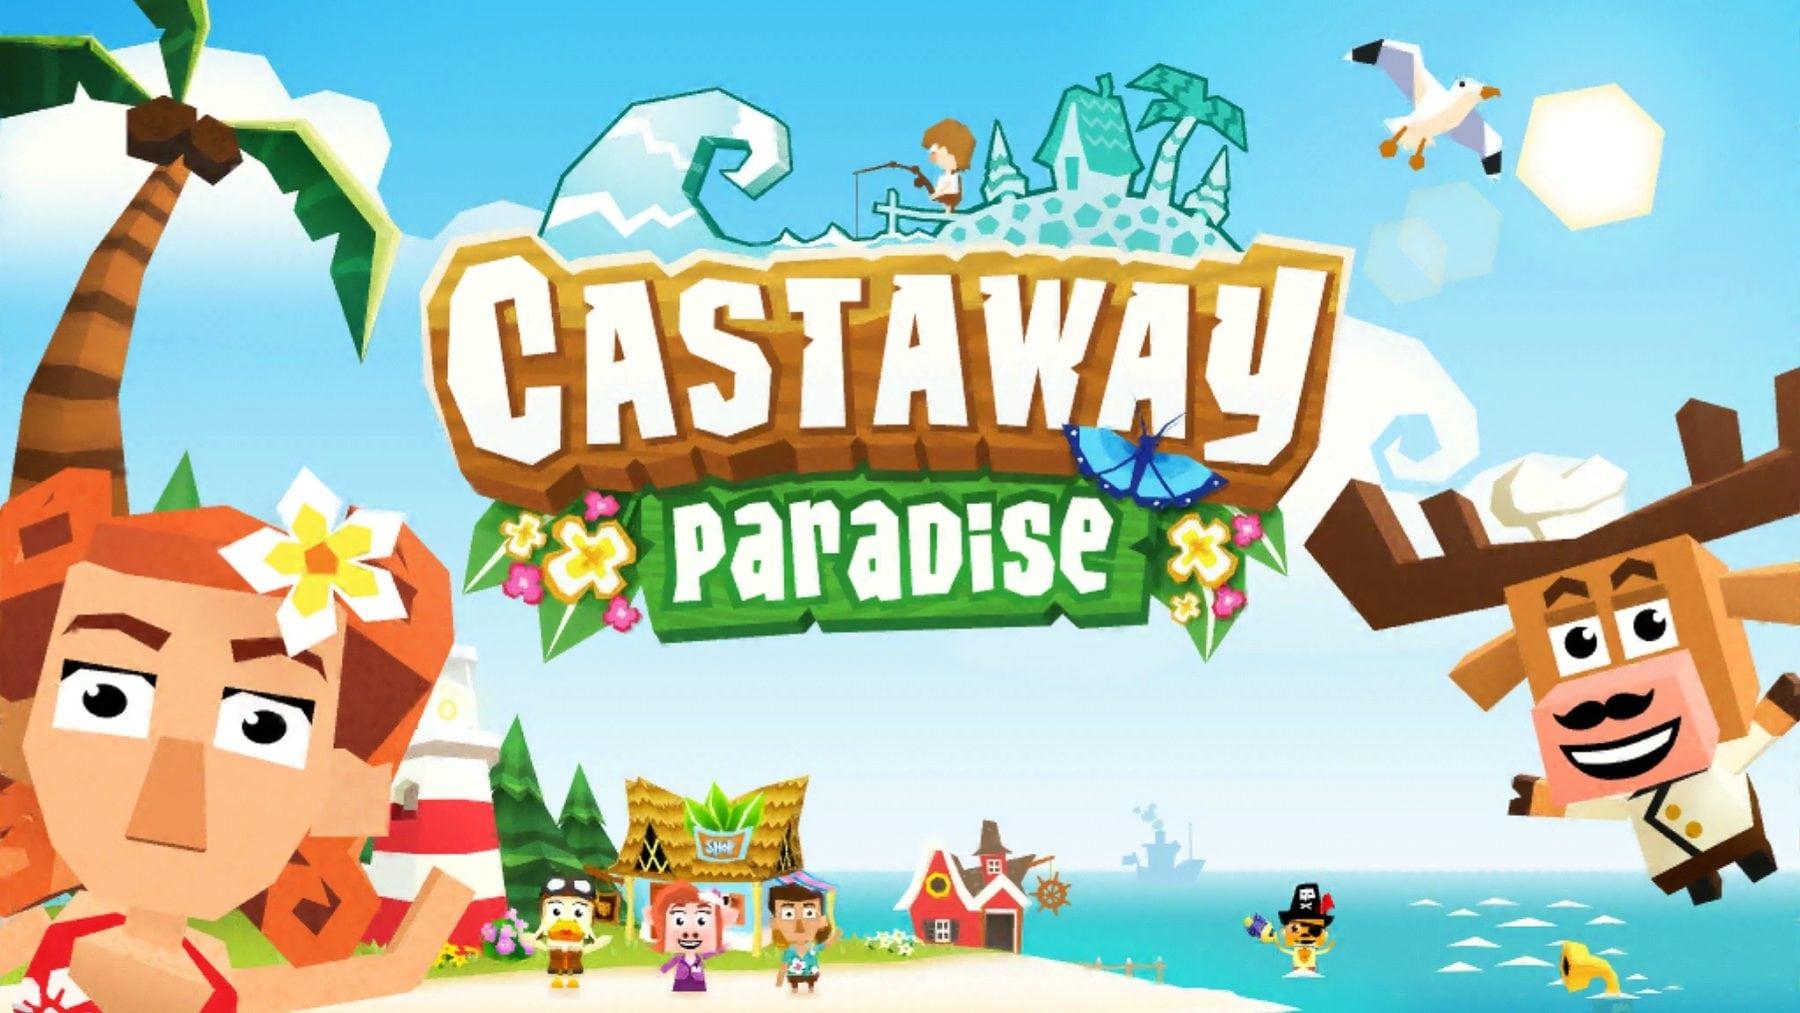 Castaway Paradise ya está disponible en Xbox One y Playstation 4